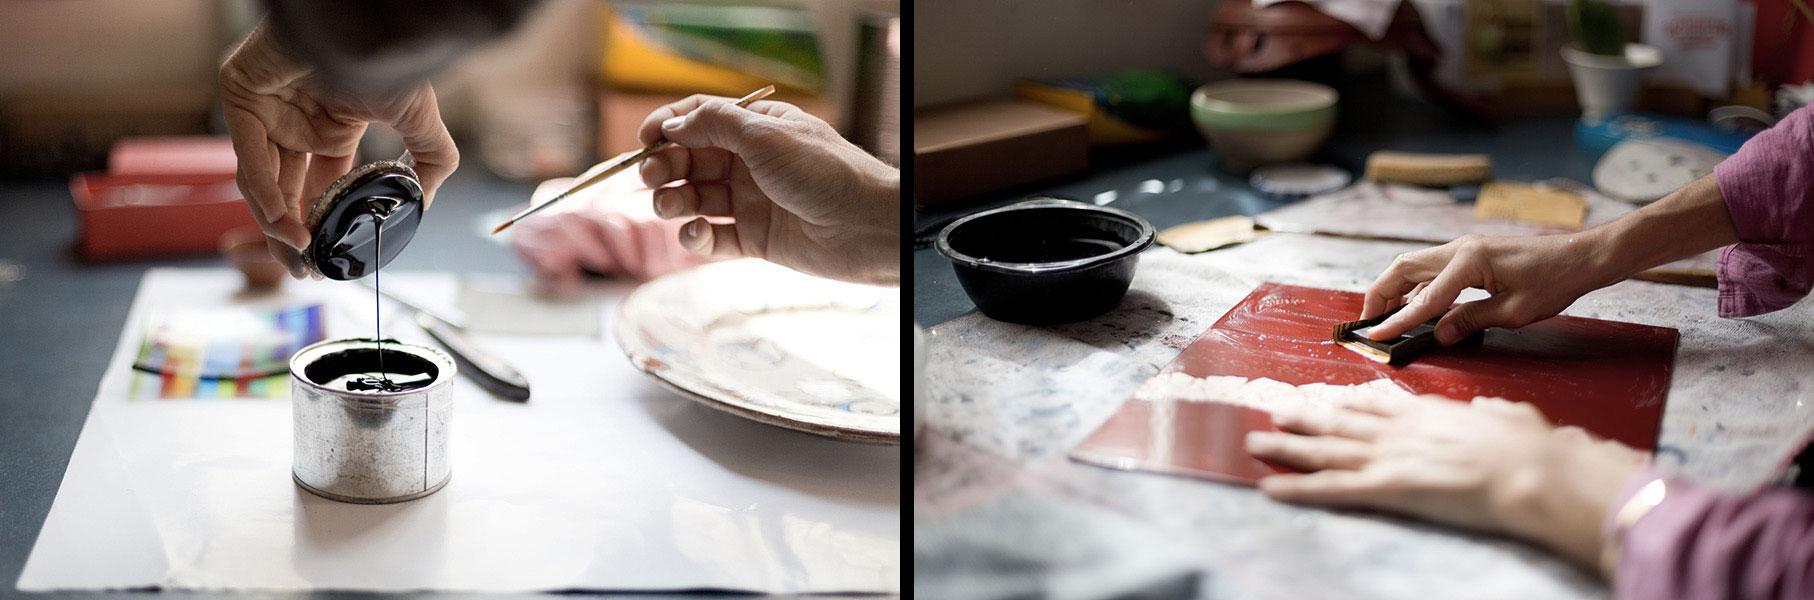 artiste-laqueur-dominique-humbert-savoir faire